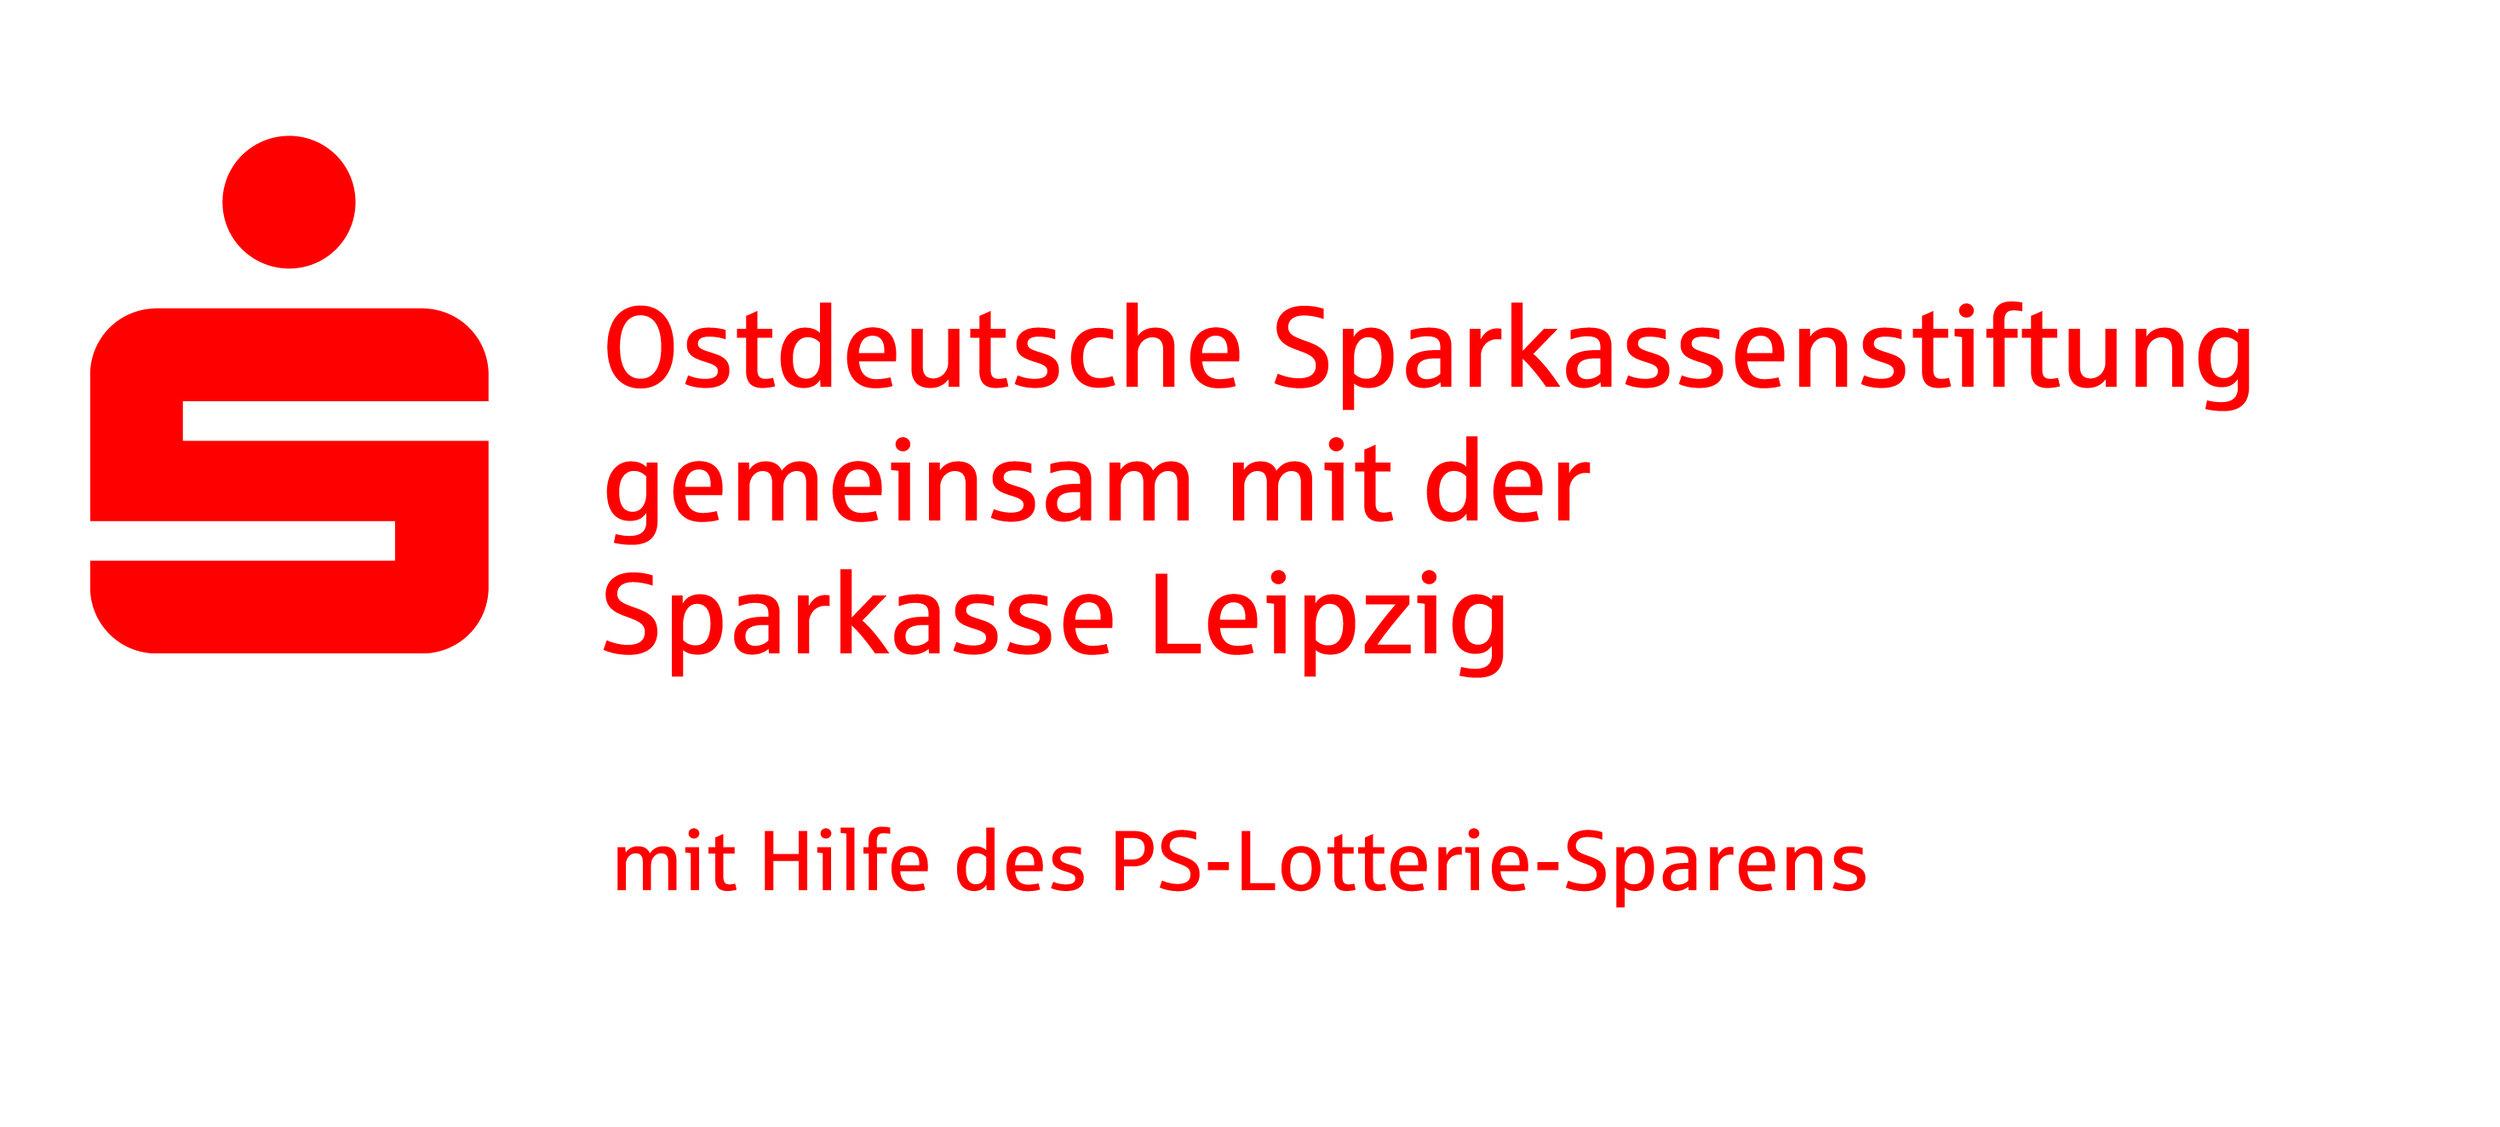 Wir danken der Ostdeutschen Sparkassenstiftung und der Sparkasse Leipzig für die finanzielle Unterstützung dieses Projekts.